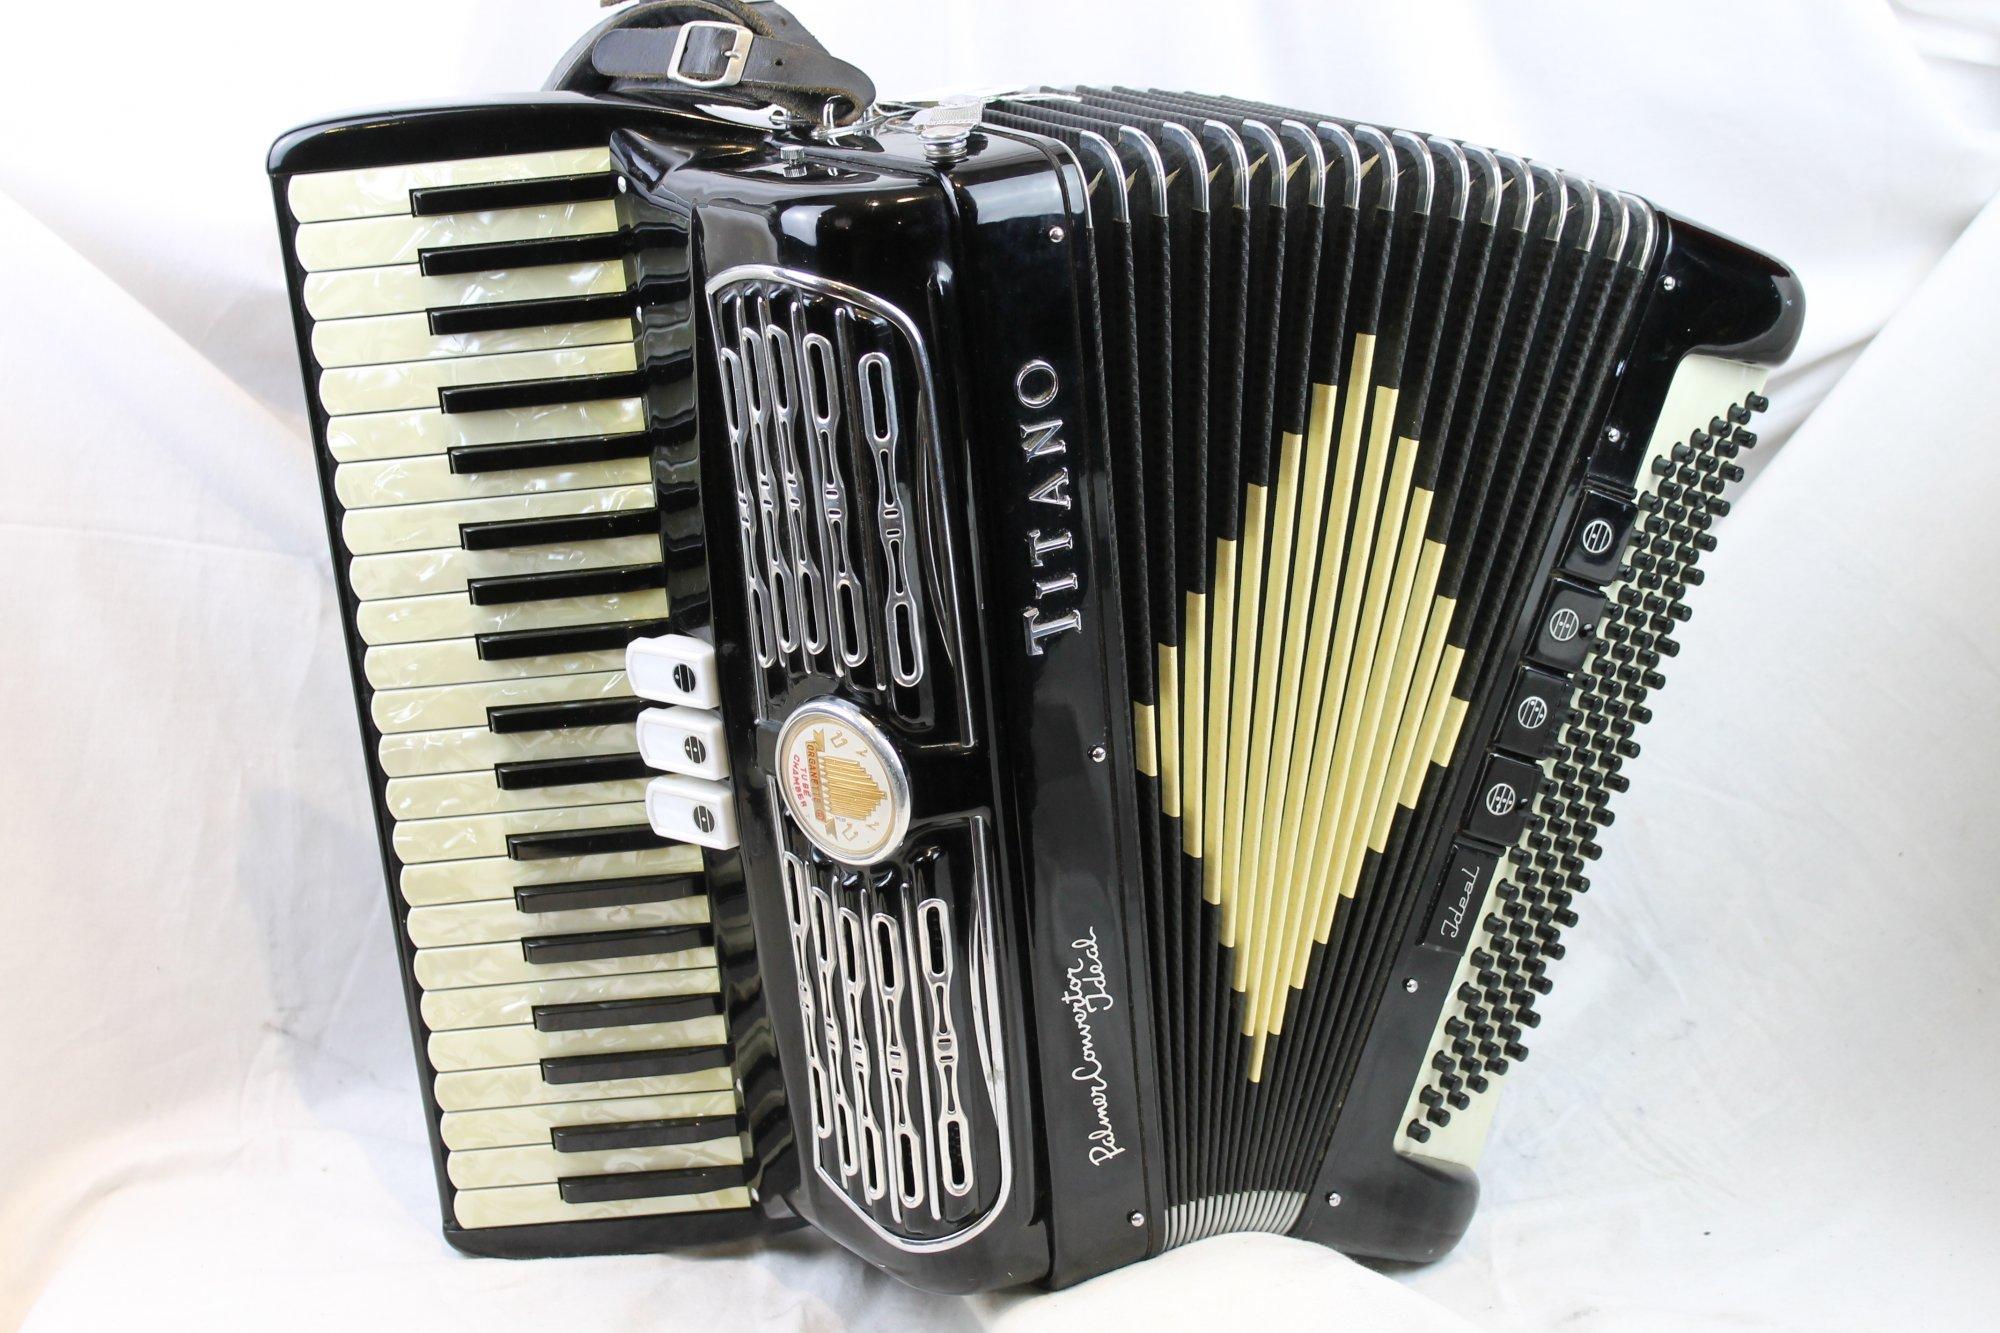 3131 - Black Titano Ideal Palmer Converter Grand Piano Accordion LM 41 120